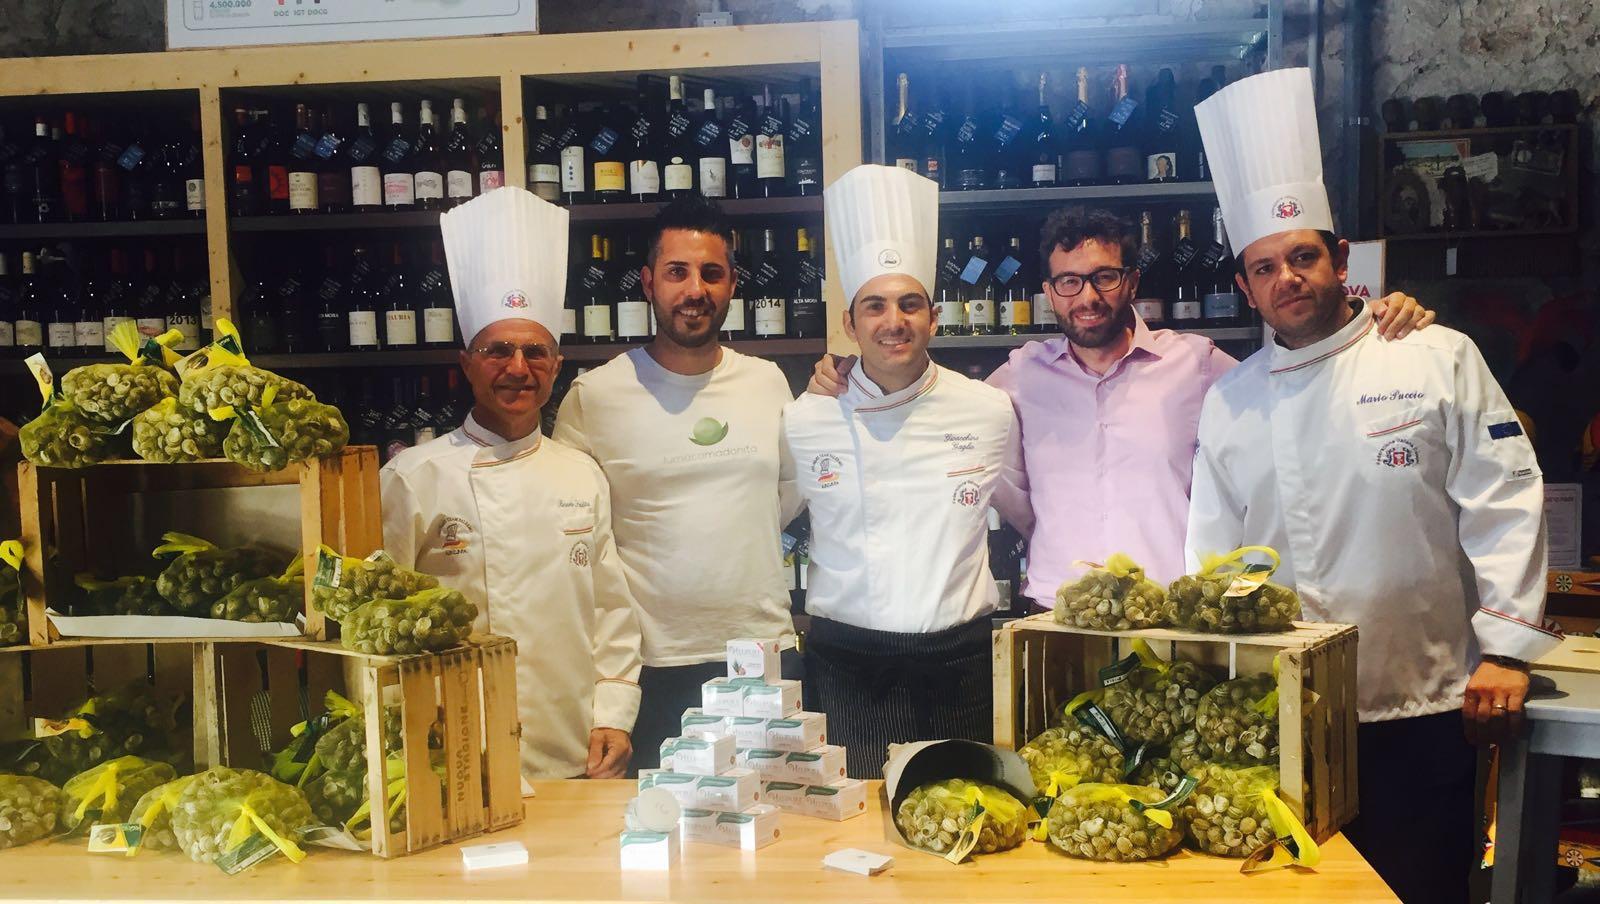 Il 13 luglio alle 18.30 presso il Mercato San Lorenzo di Palermo, con uno show cooking interamente dedicato alle lumache